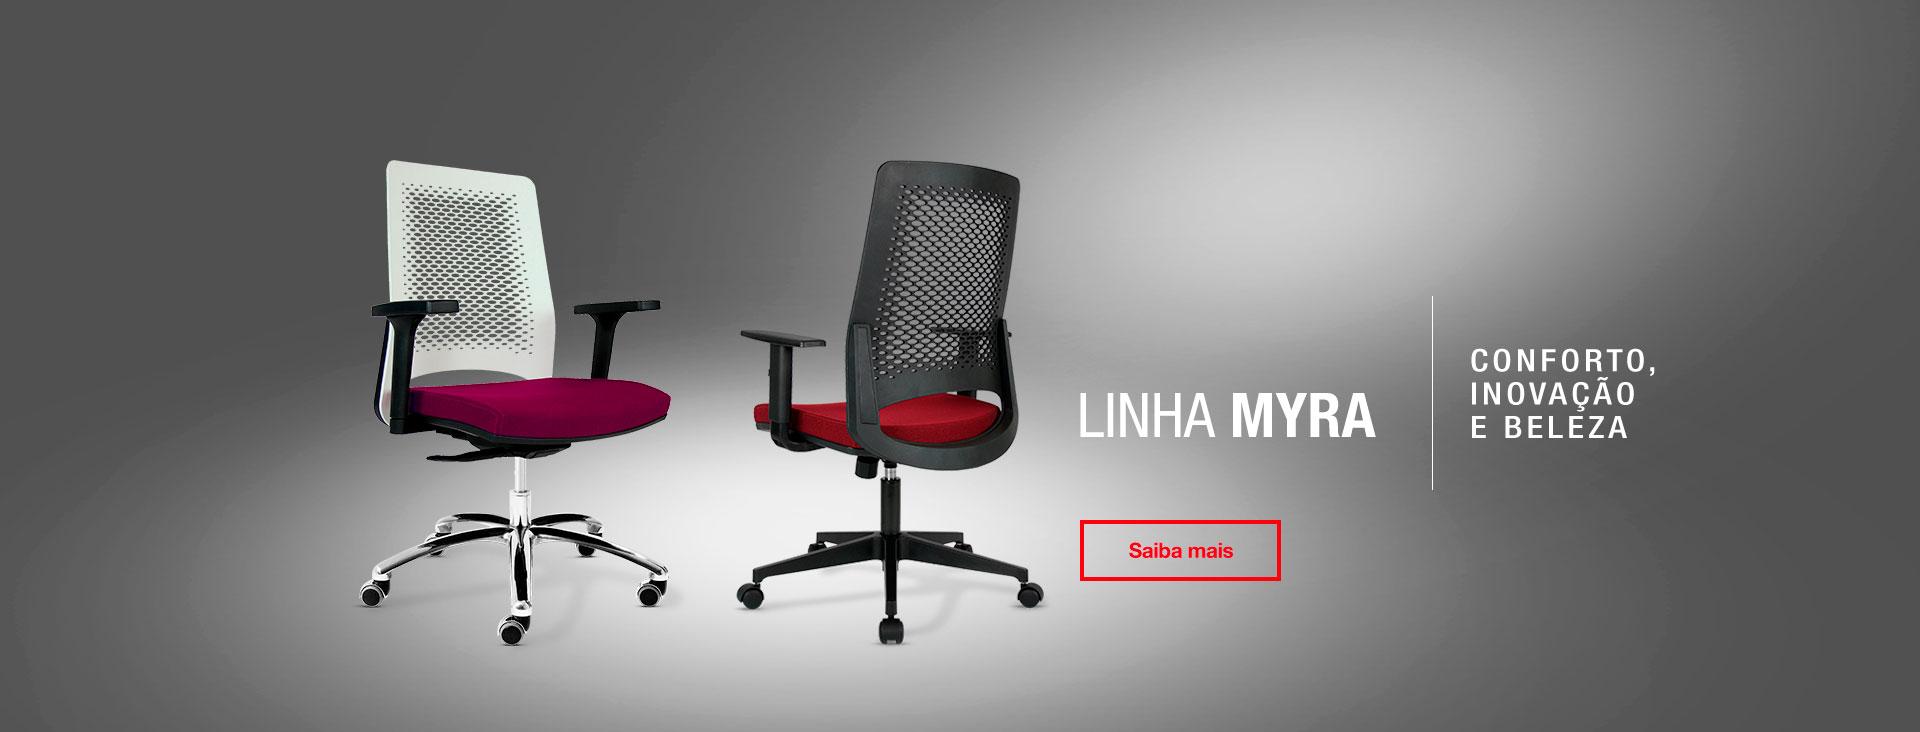 TECNO MOBILIÁRIO CORPORATIVO Cadeiras e mobiliários de